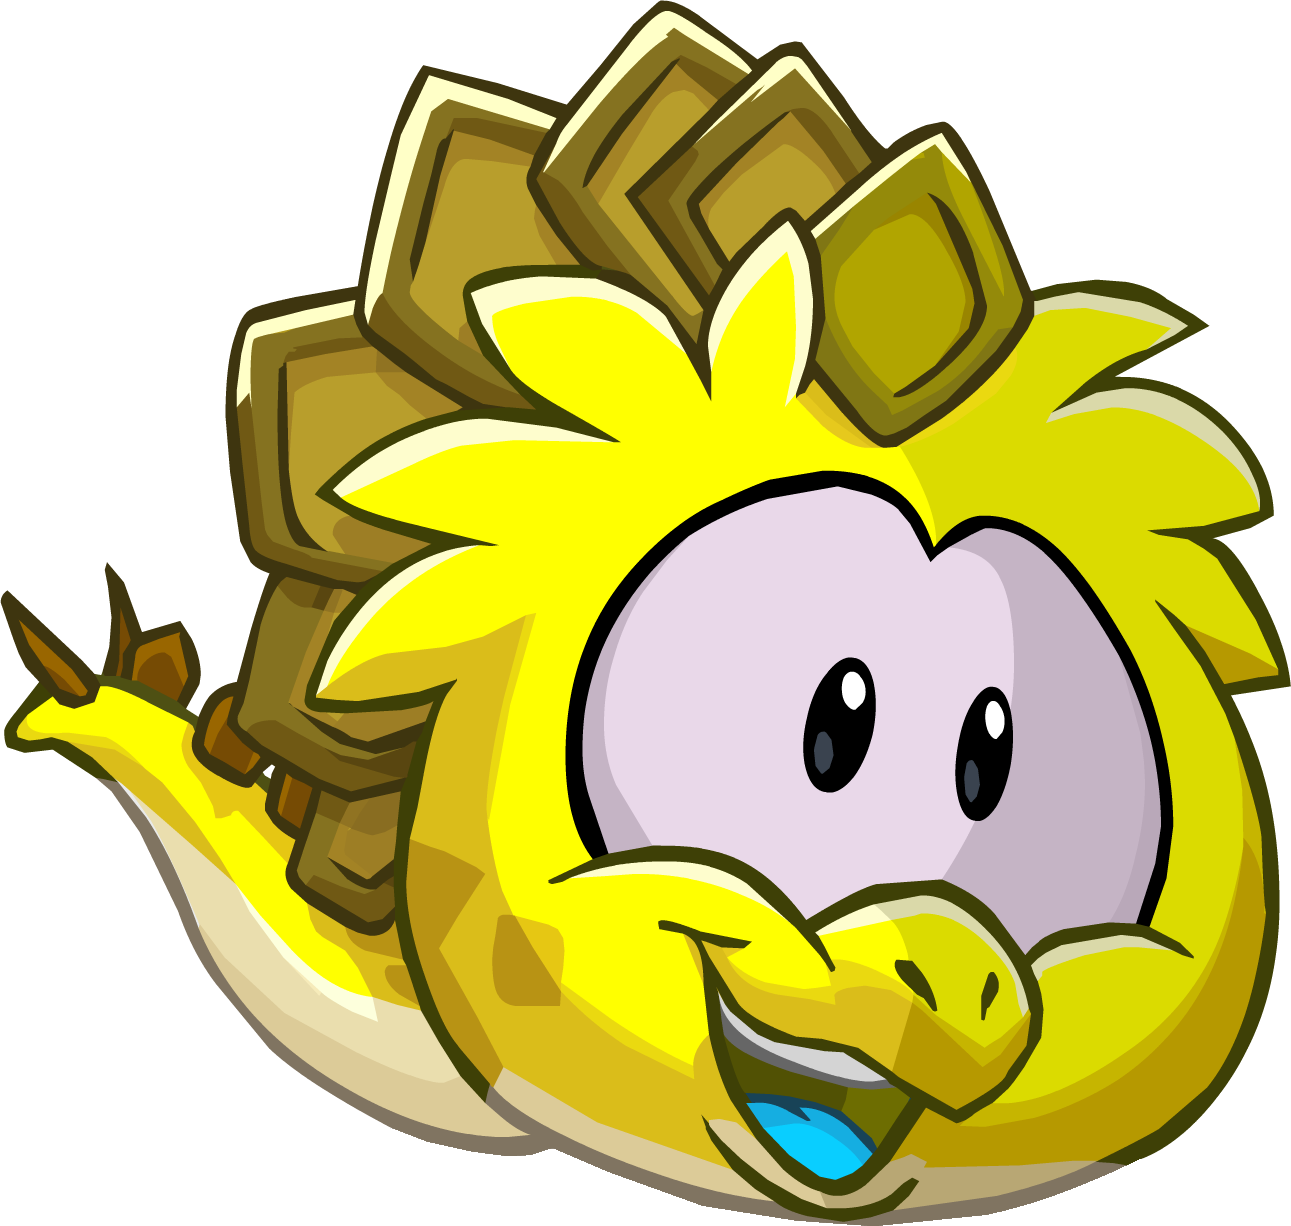 Dinopuffle | Club Penguin Wiki | FANDOM powered by Wikia